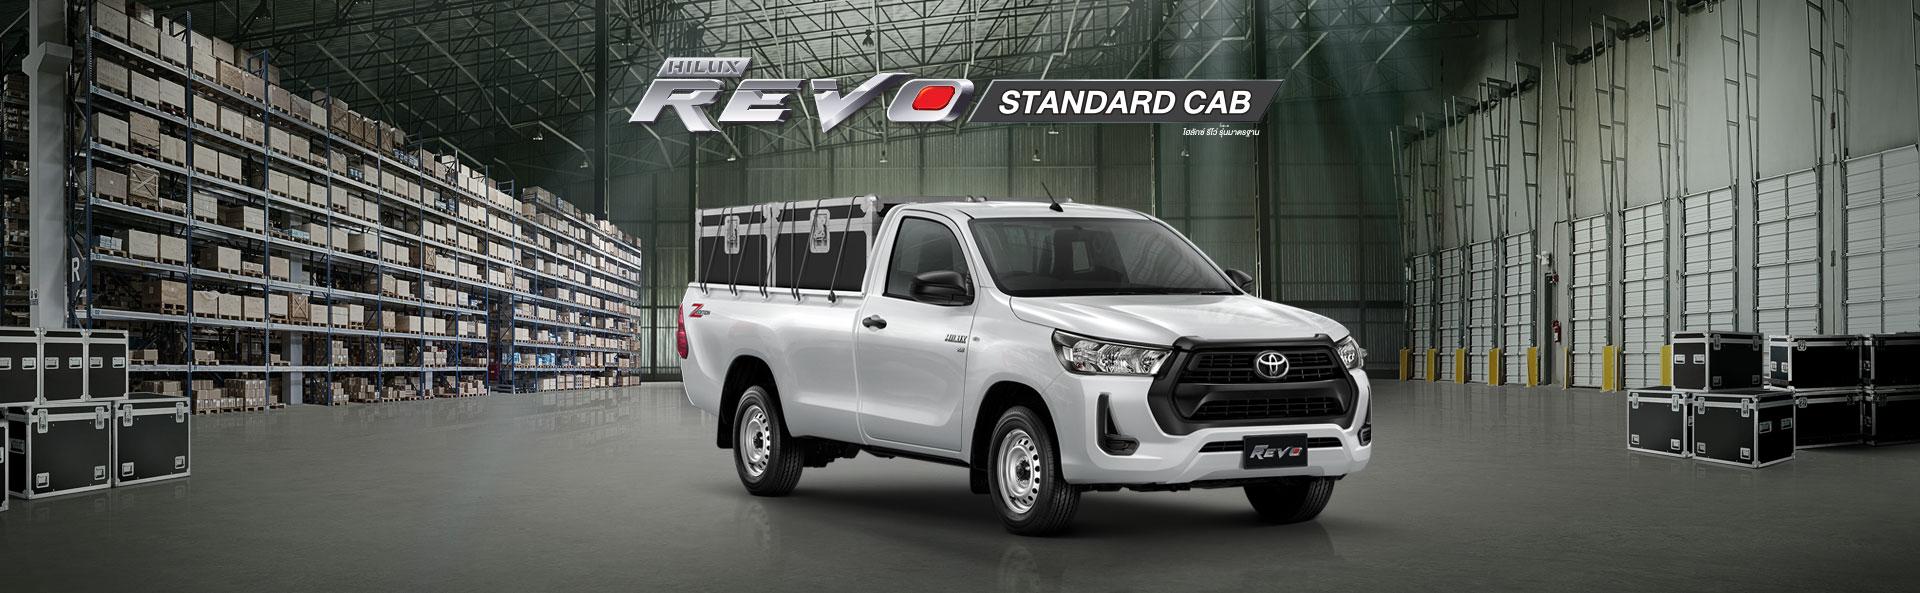 TOYOTA Hilux Revo Standard Cab : โตโยต้า ไฮลักซ์ รีโว่ สแตนดาร์ด แค็บ